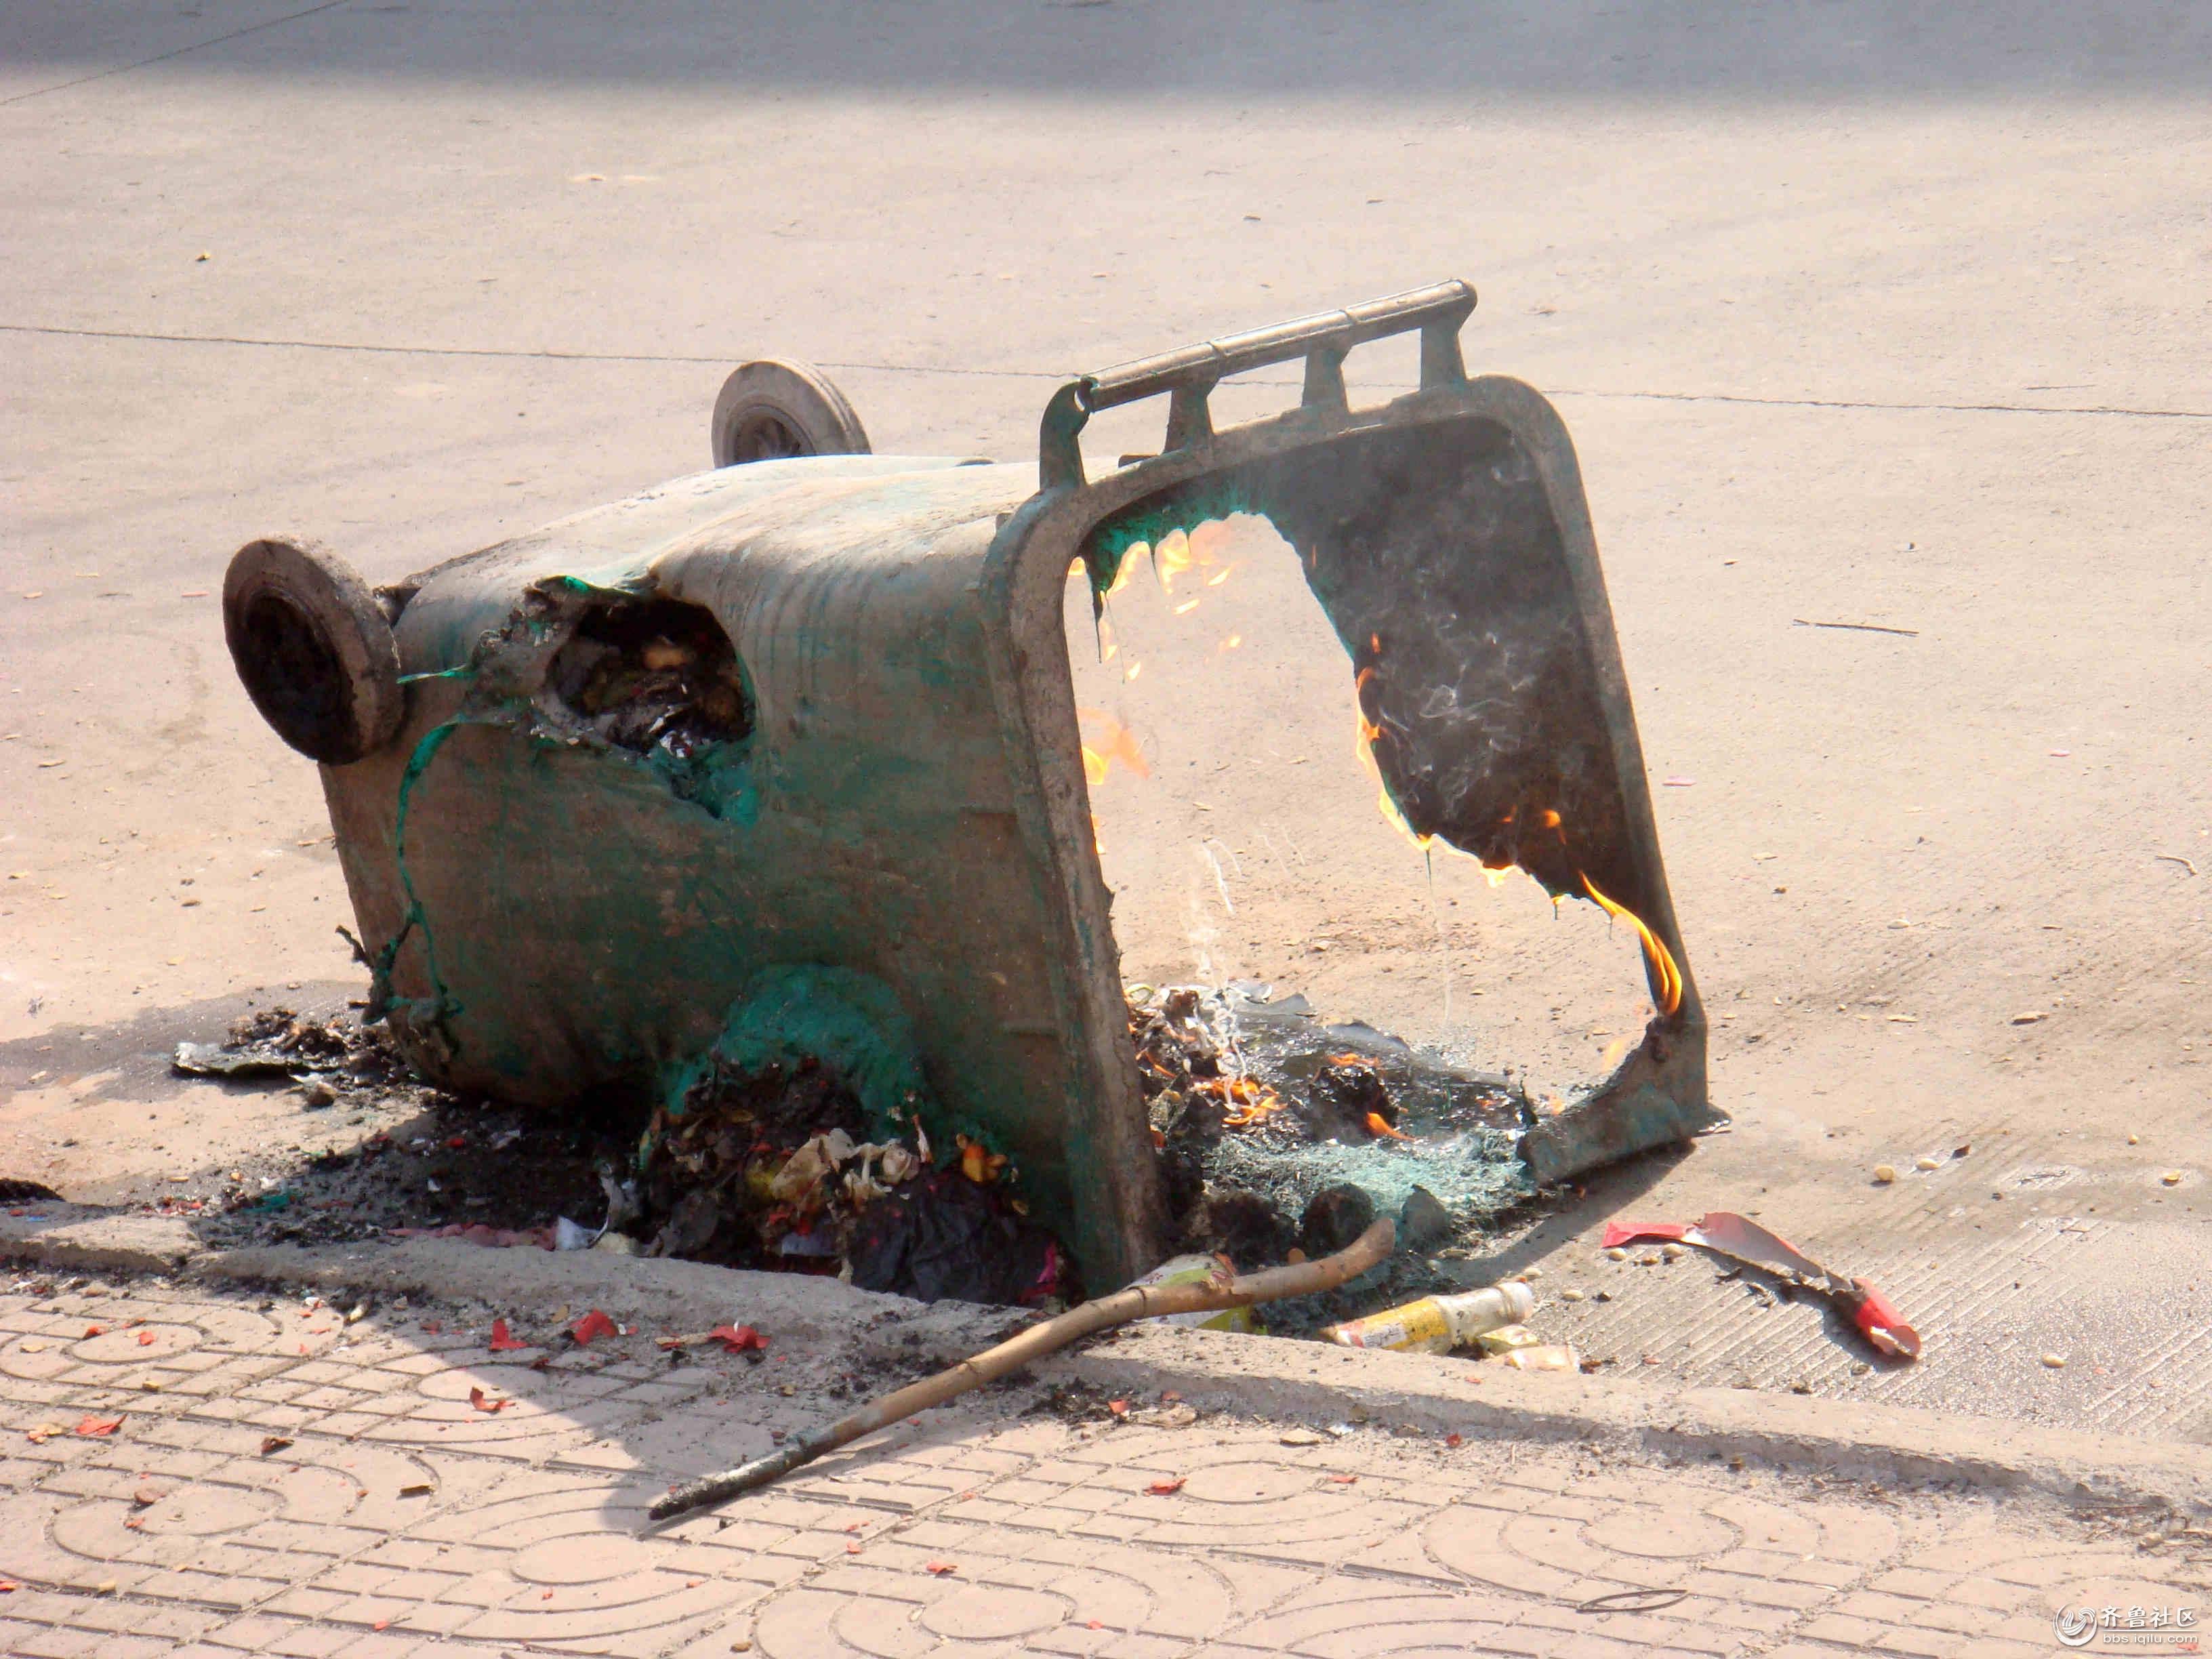 近日来,笔者跑街发现在沂南县城区不断有垃圾桶被烧,这不仅妨碍了他人的使用,也使得环卫工人清运垃圾难度增大。笔者咨询了相关人员:一个垃圾桶成本价大约要360元,部分窟窿小的垃圾桶可能可以通过修补后重新使用,现在这些被烧坏的基本上不能再用了。但也不会浪费,会当废旧塑料进行回收处理。相关人员向笔者说到:希望市民们以后要把蜂窝煤灭熄才扔,不然很容易引起火灾的。还有尽量不要往垃圾桶仍还未熄灭的烟头。目前的垃圾桶全部是采用高密度聚乙烯原料制成。如果市民将未燃尽的蜂窝煤与生活垃圾一起投放,不仅容易烧坏垃圾桶,而且还